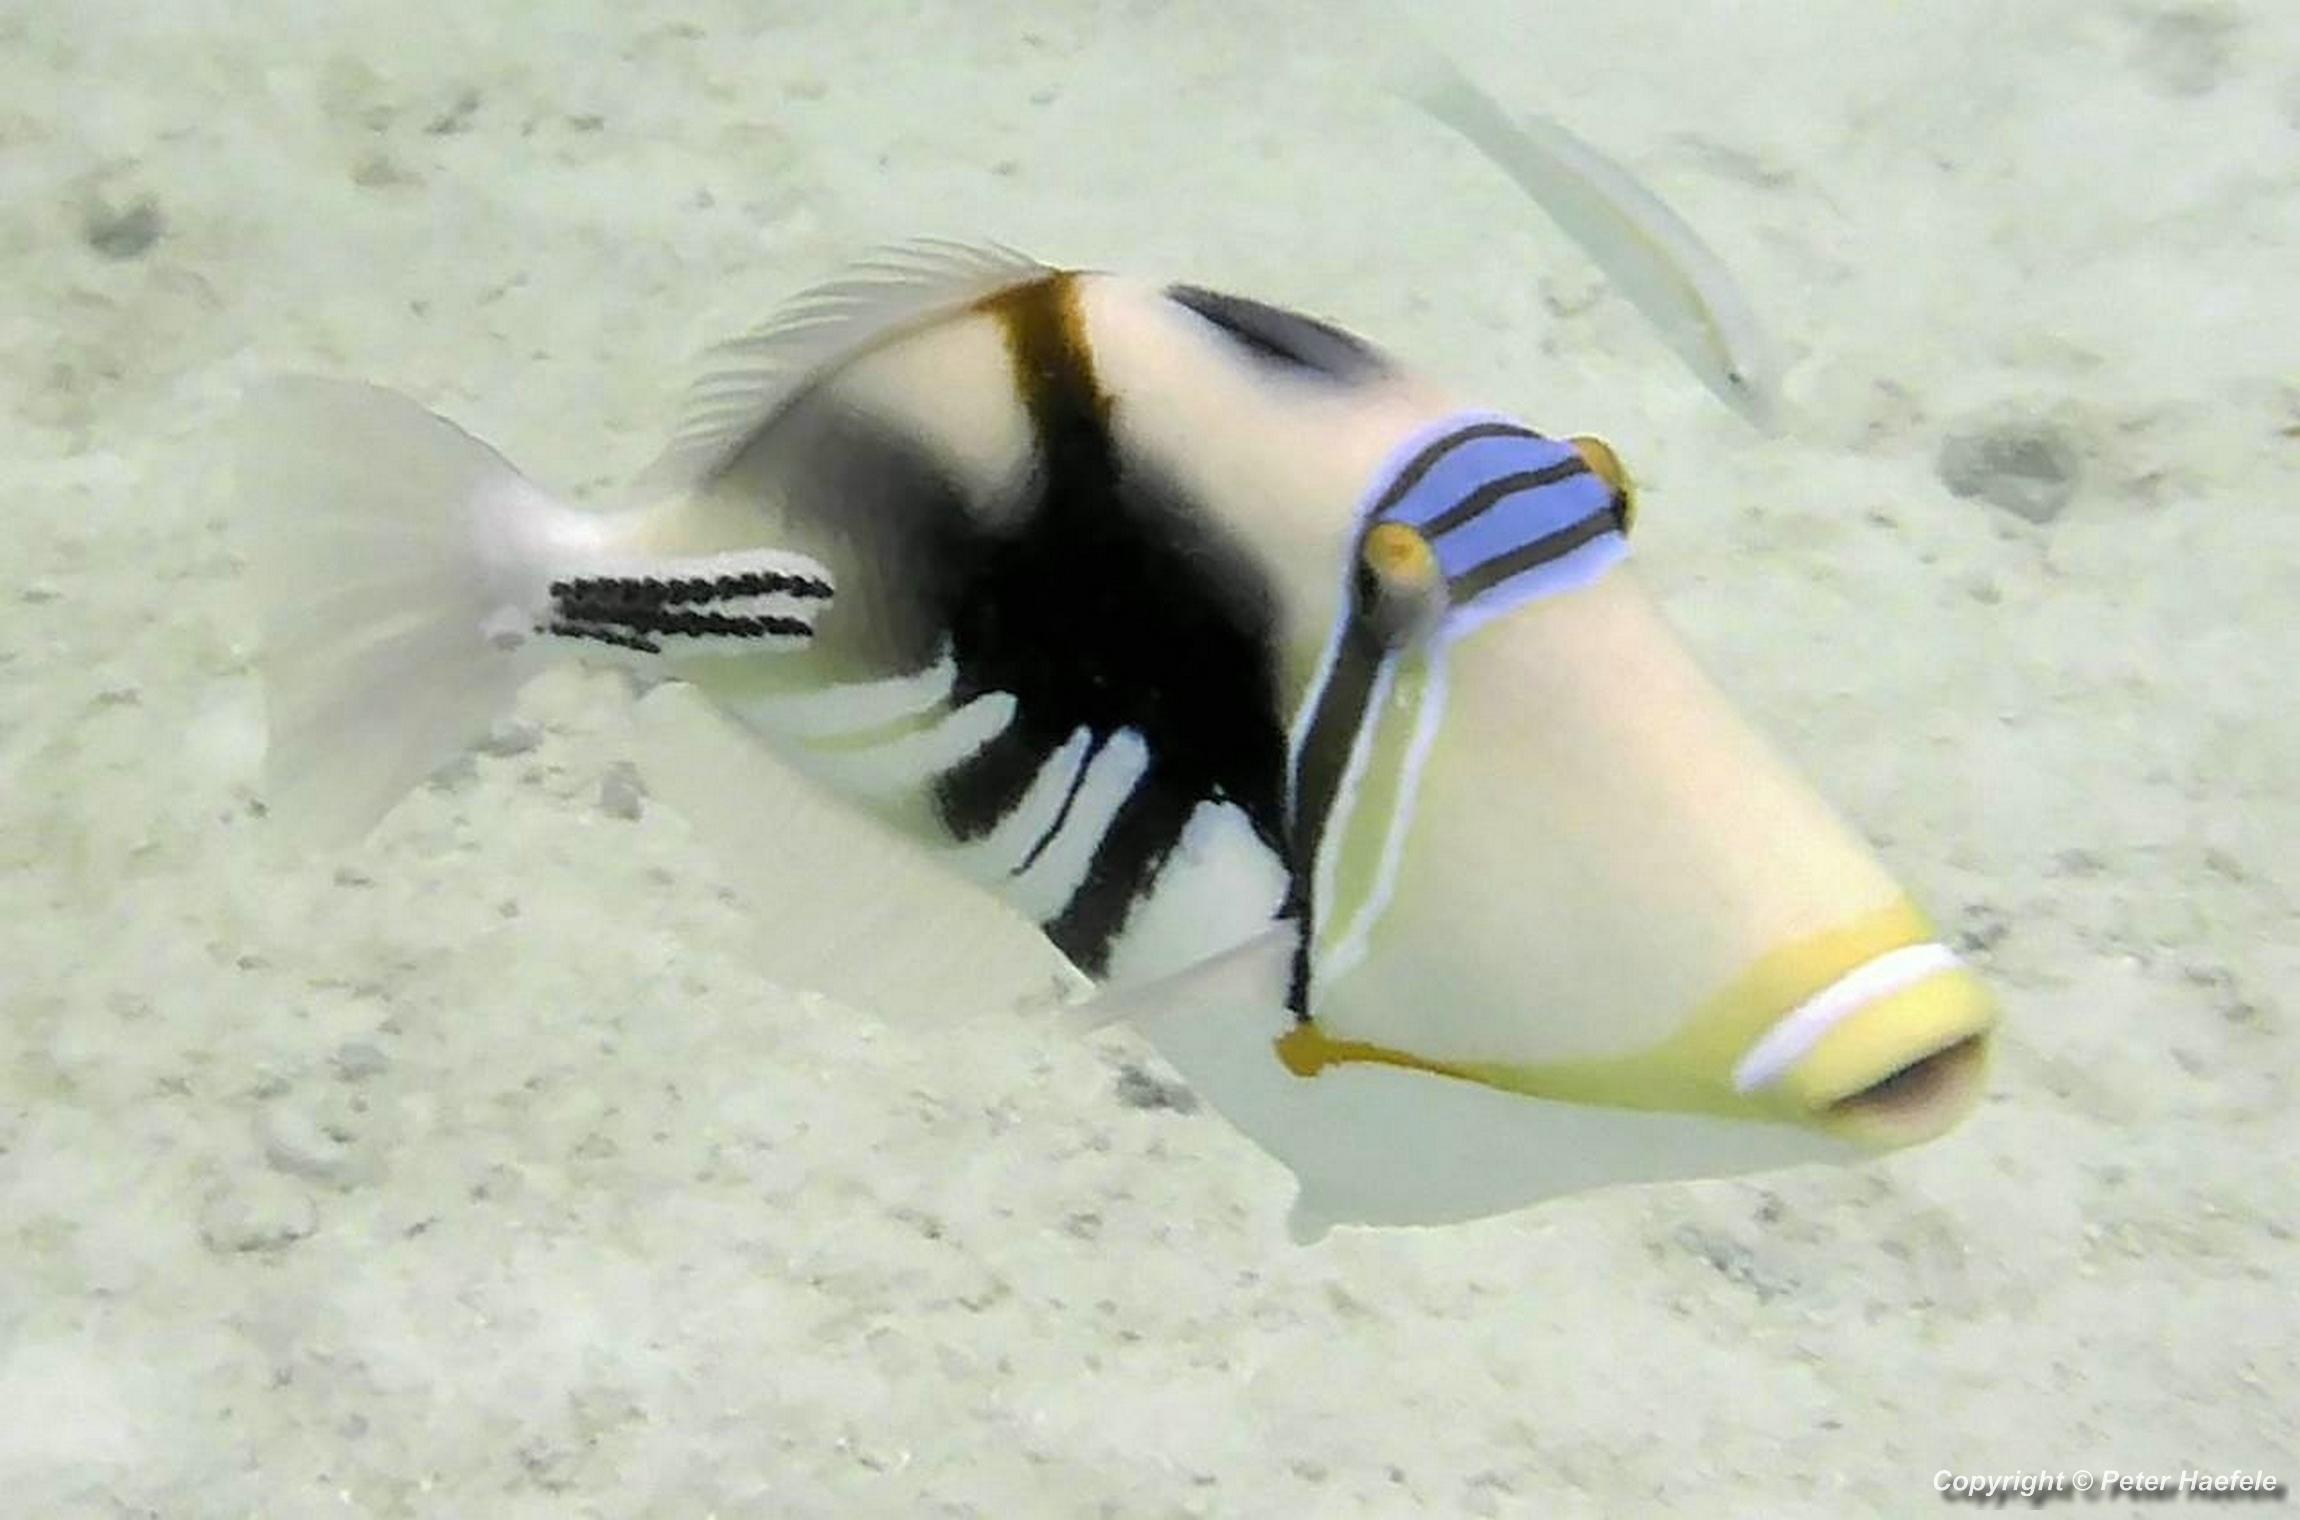 Picasso Drueckerfisch vor Nalaguraidhoo (Sun Island Resort) Sued Ari-Atoll Malediven - Picasso triggerfish off Nalaguraidhoo (Sun Island Resort) South Ari Atoll Maldives